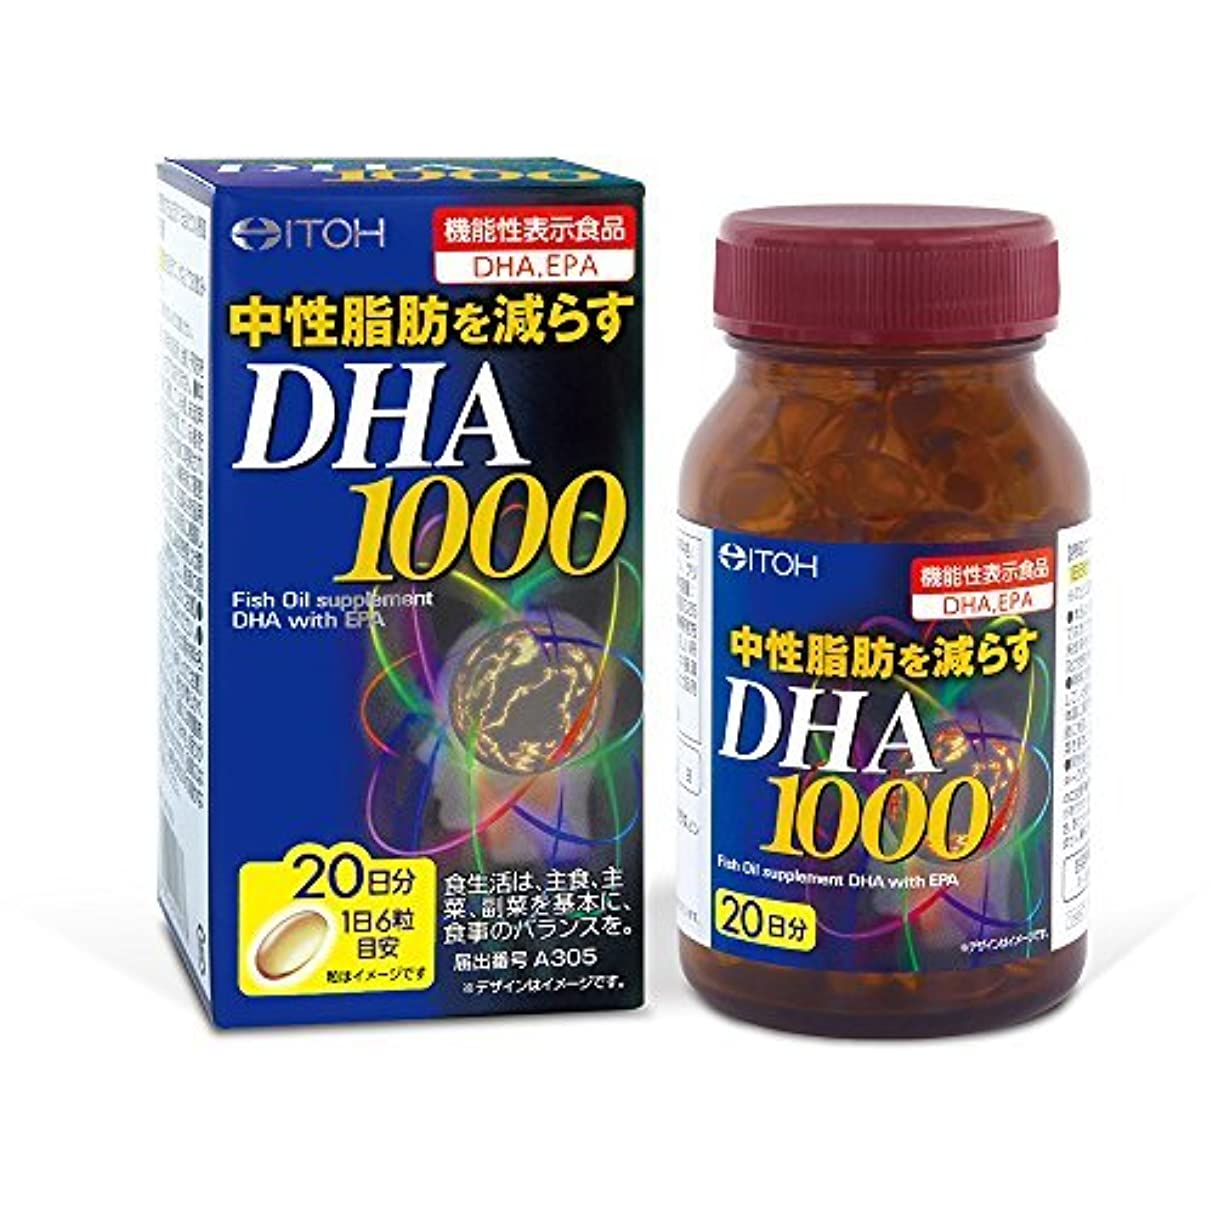 批判する闘争刺激する井藤漢方製薬 DHA1000 約20日分 120粒 Japan